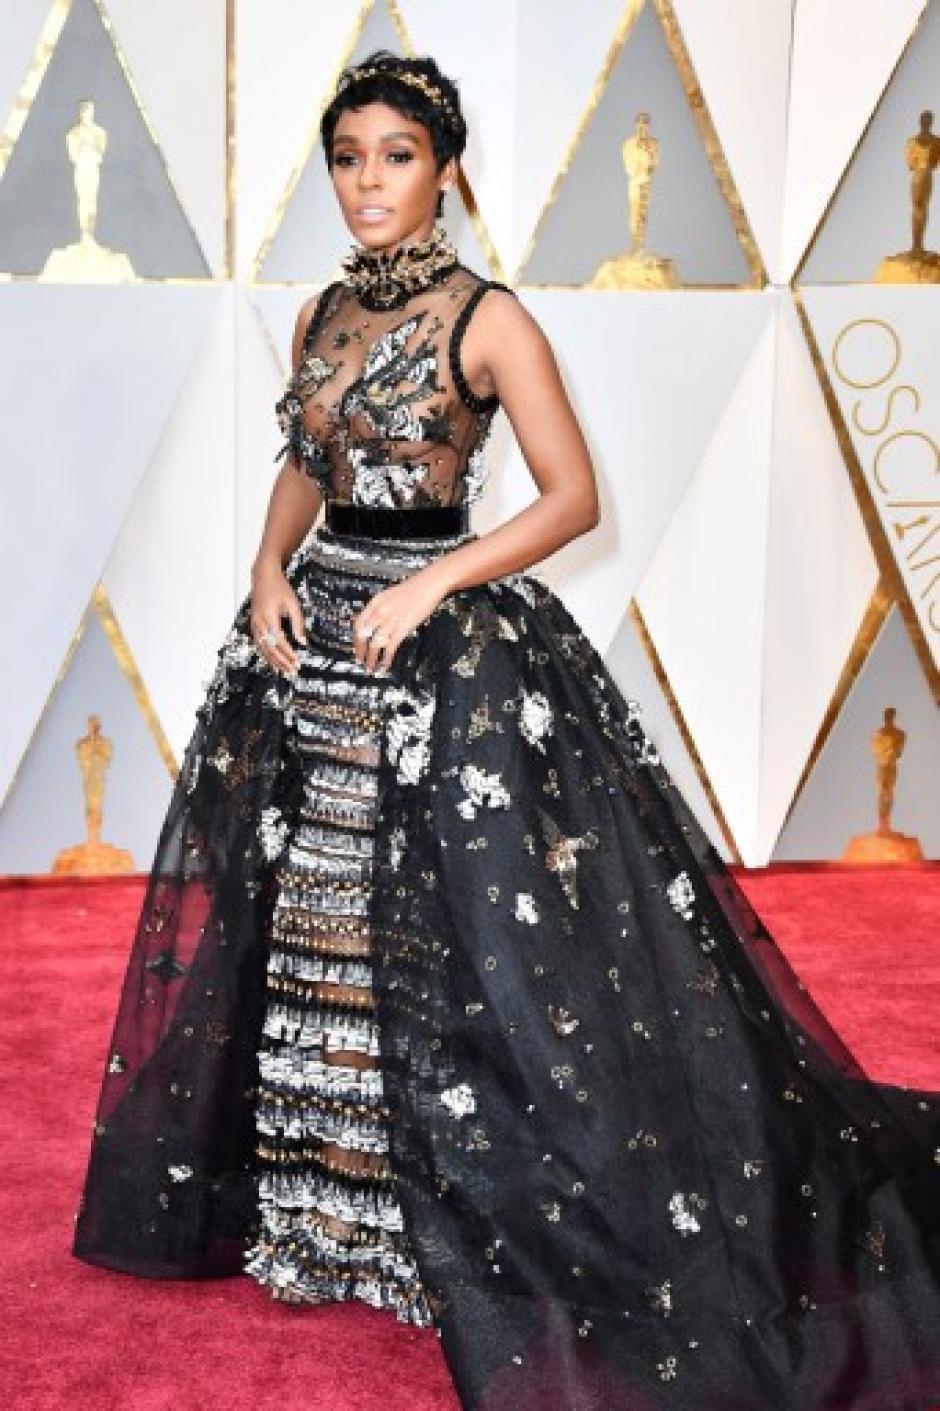 La actriz y cantante Janelle Monae sorprendió por las transparencias de su vestido. (Foto: Frazer Harrison/AFP)